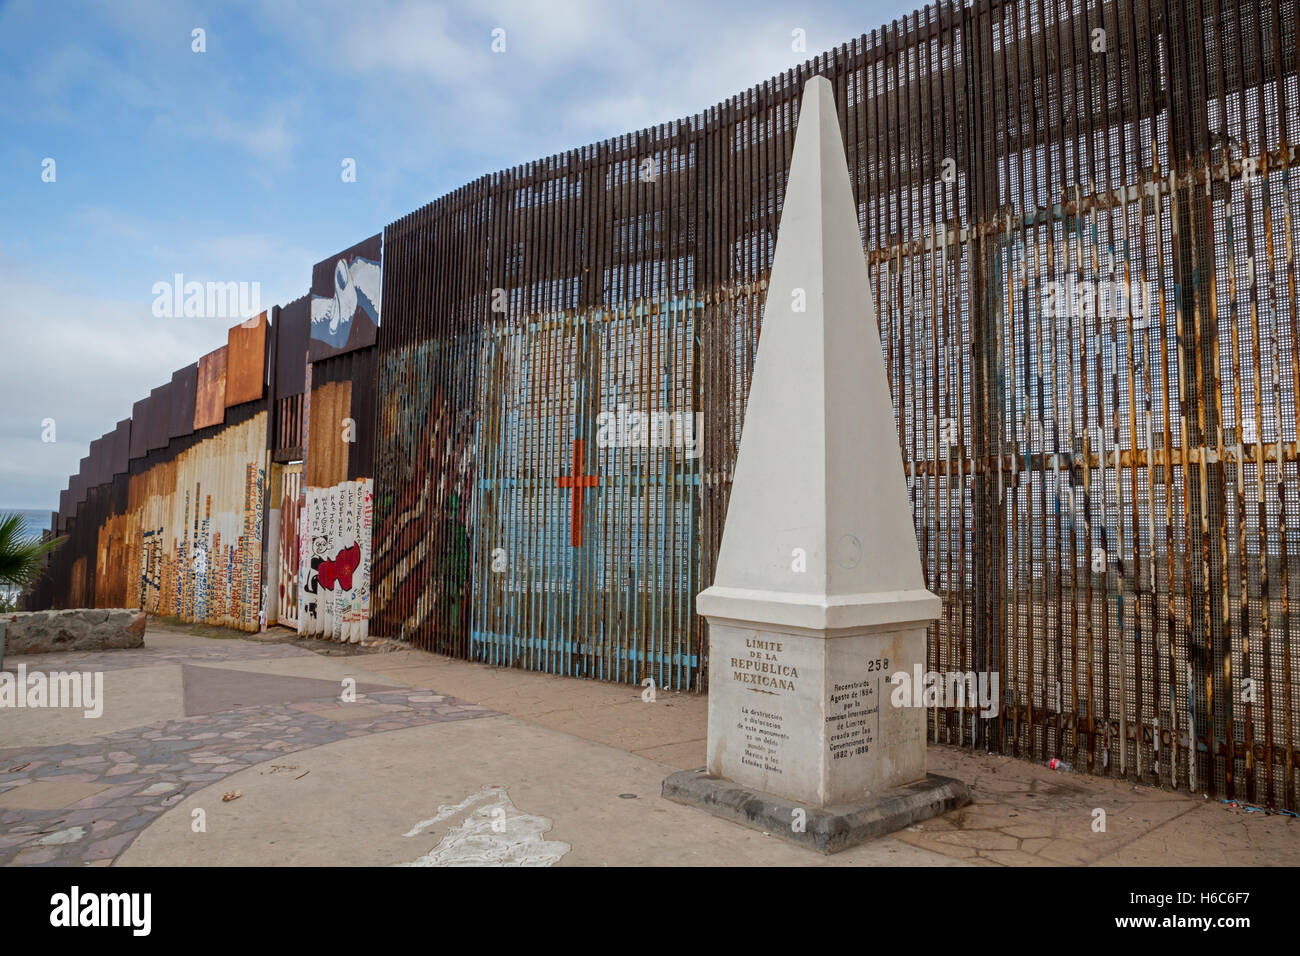 Tijuana, Mexiko - eine internationale Grenze Marker entlang der US-mexikanischen Grenzzaun in der Nähe des Stockbild